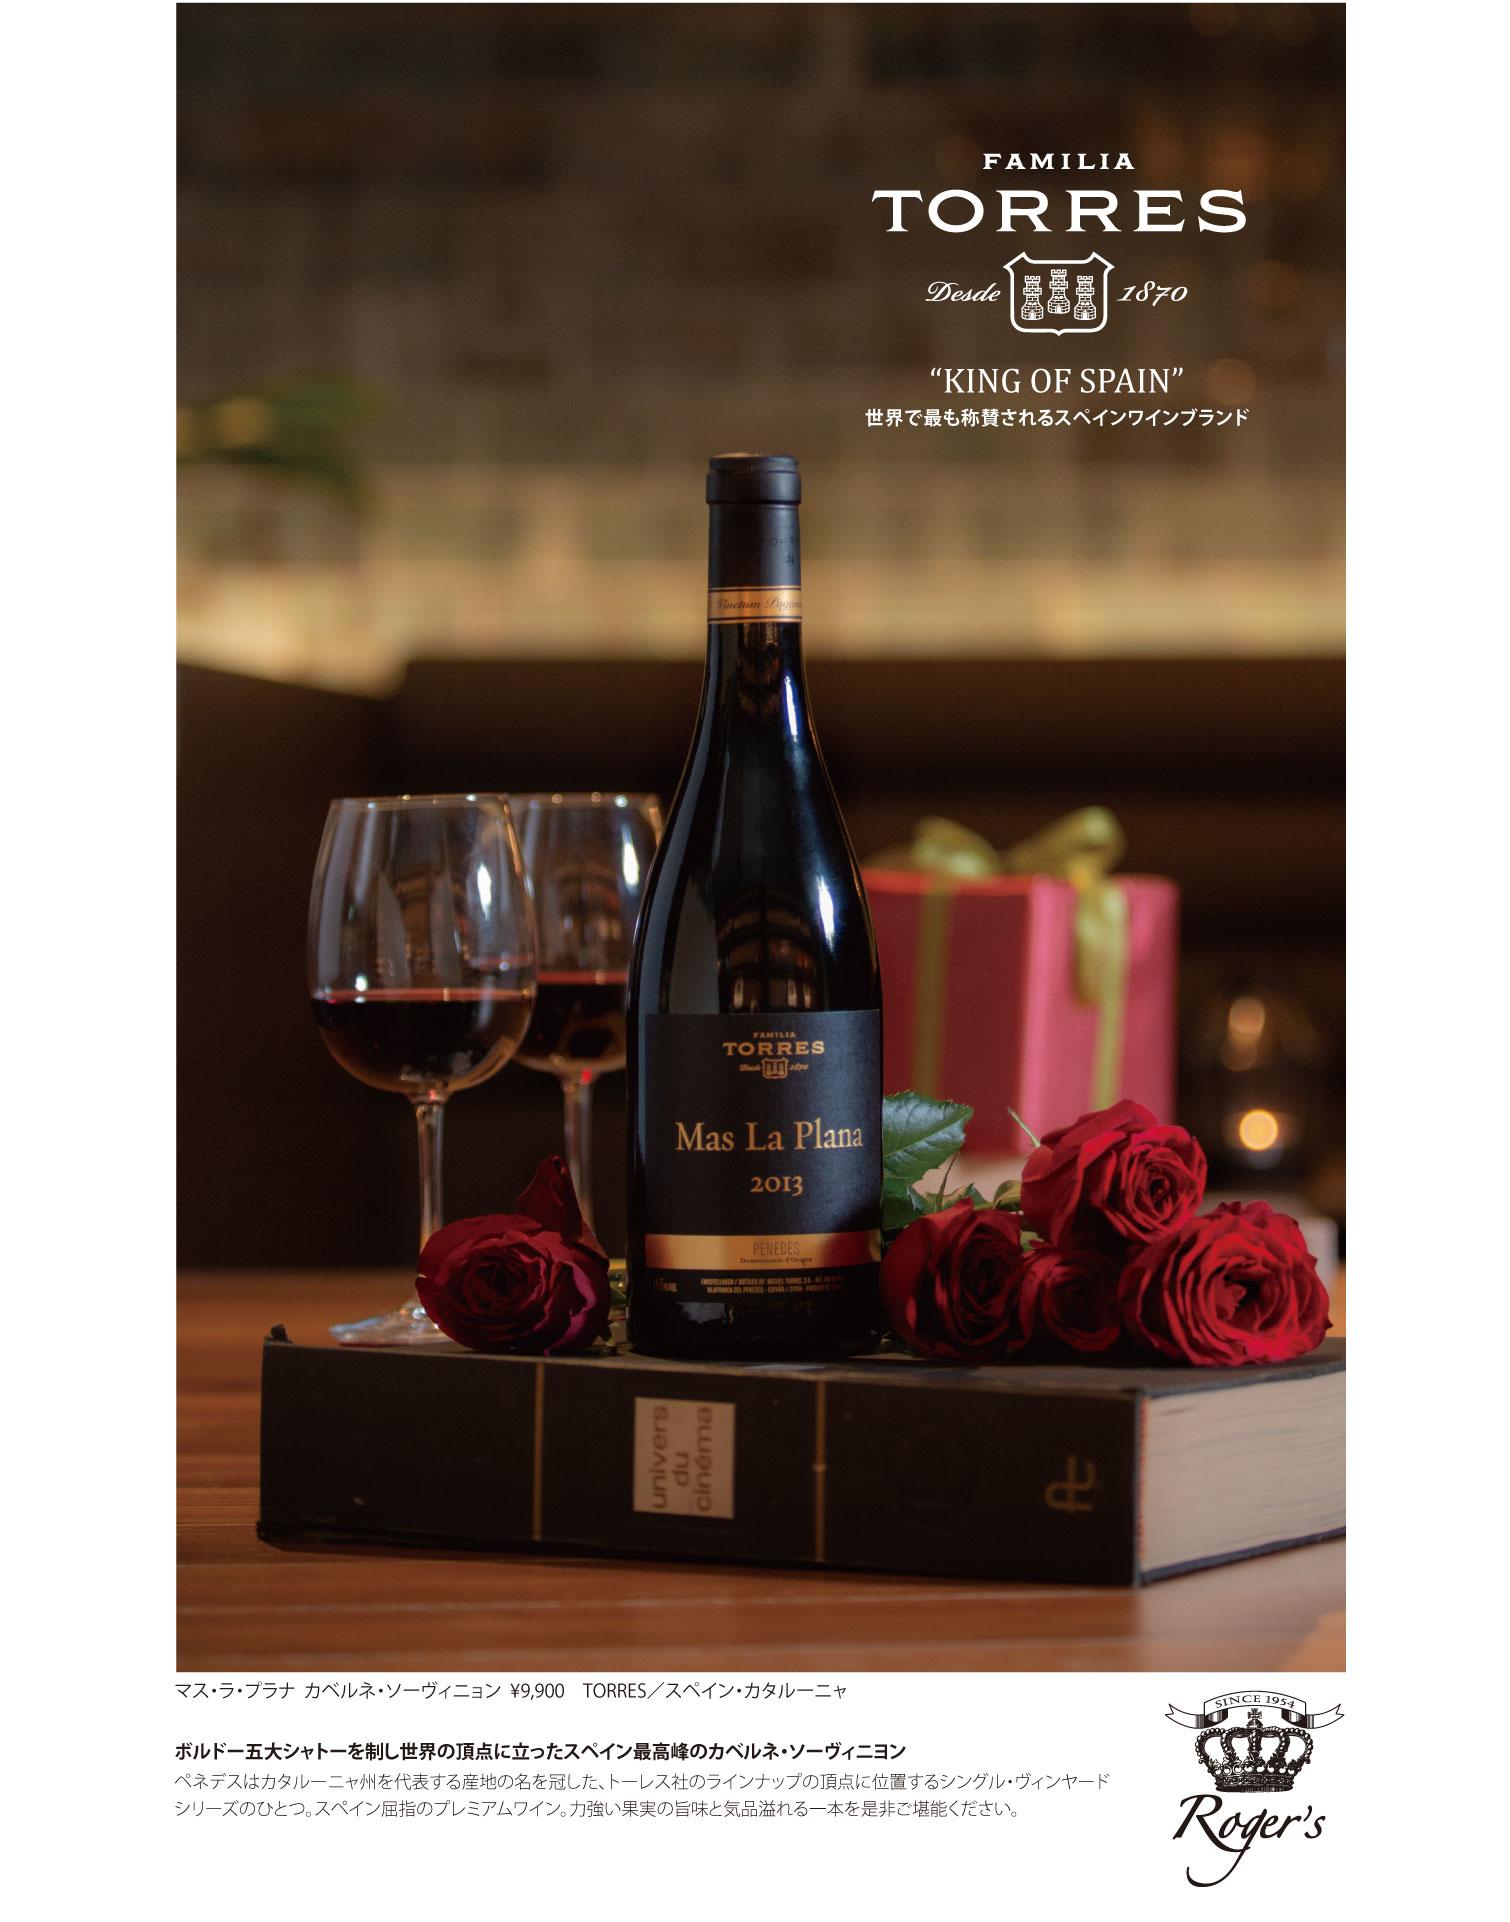 TORRES 世界で最も称賛されるスペインワインブランド